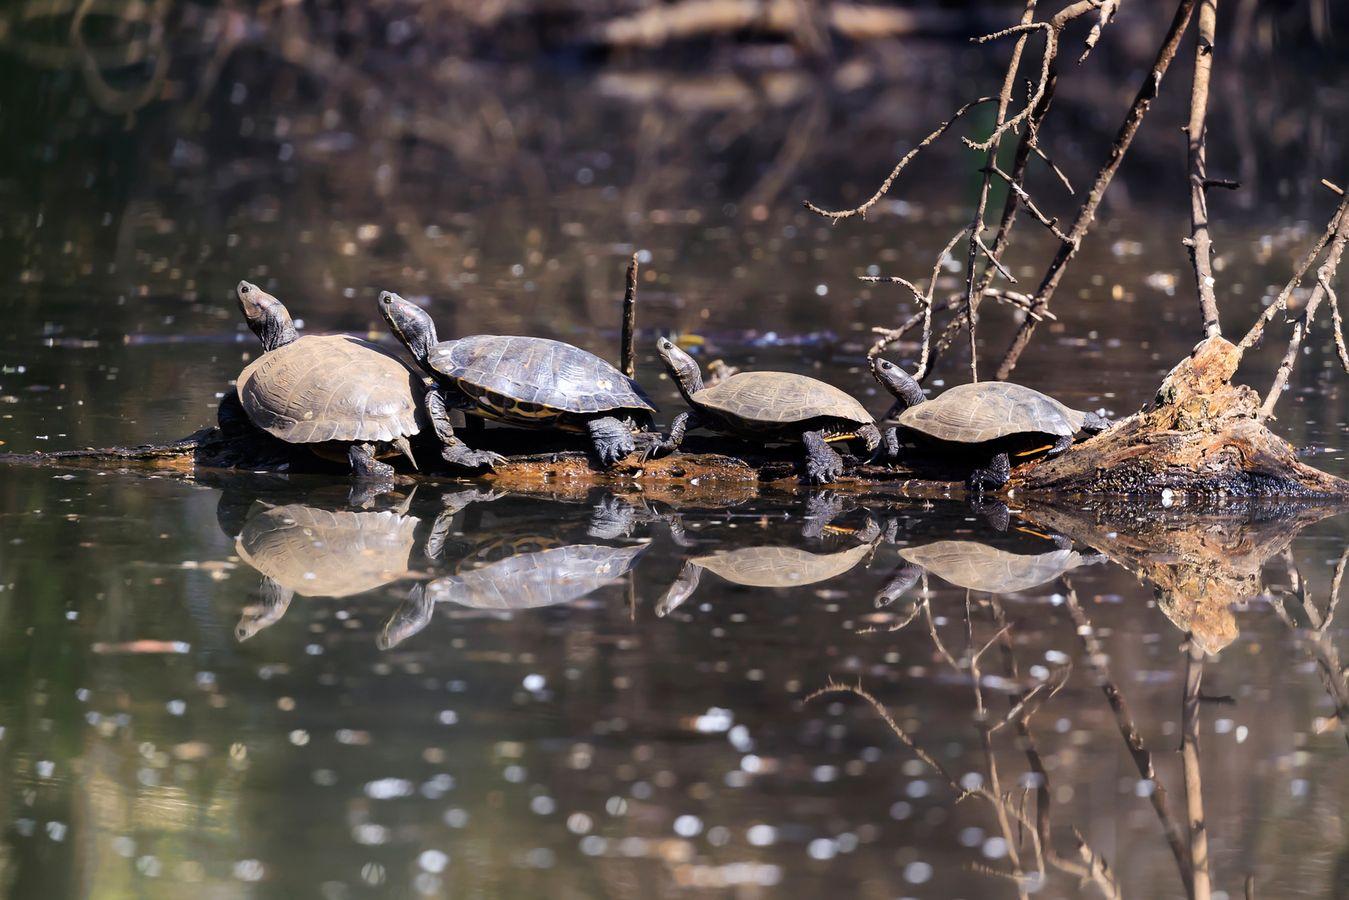 Quels moyens de lutte contre les EEE animales en milieux aquatiques ? Cas n°4 : La tortue de Floride